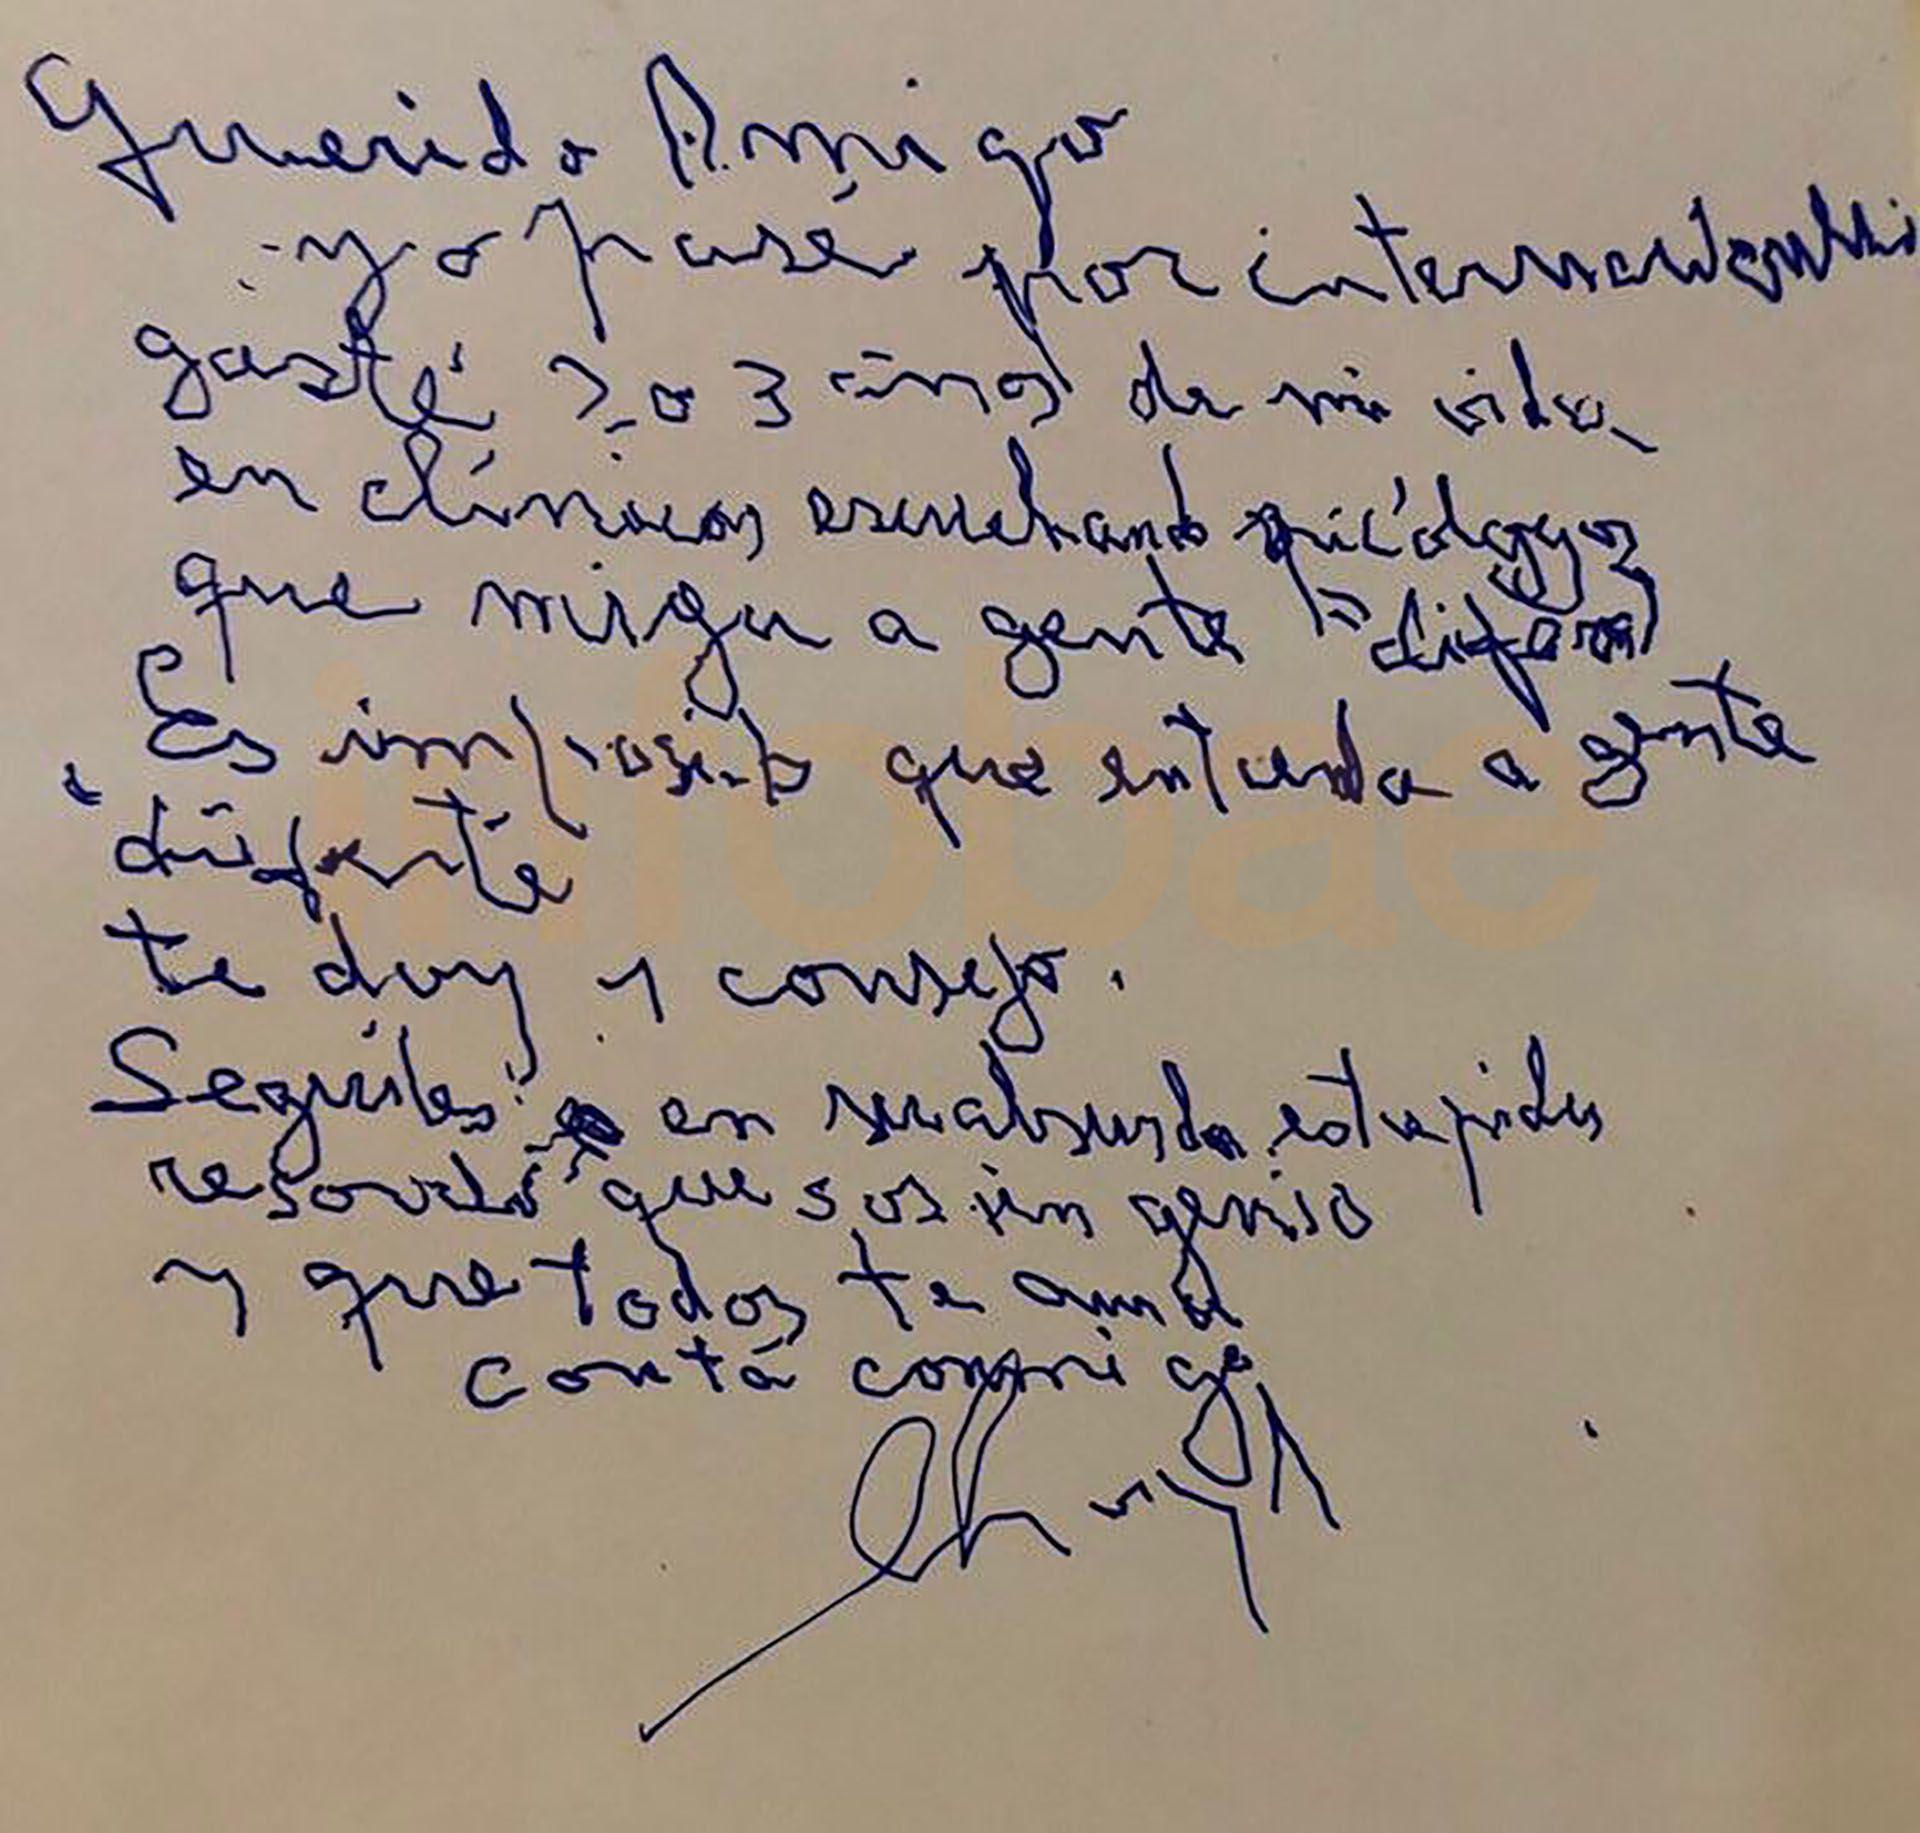 carta de puño y letra de Charly García a Maradona